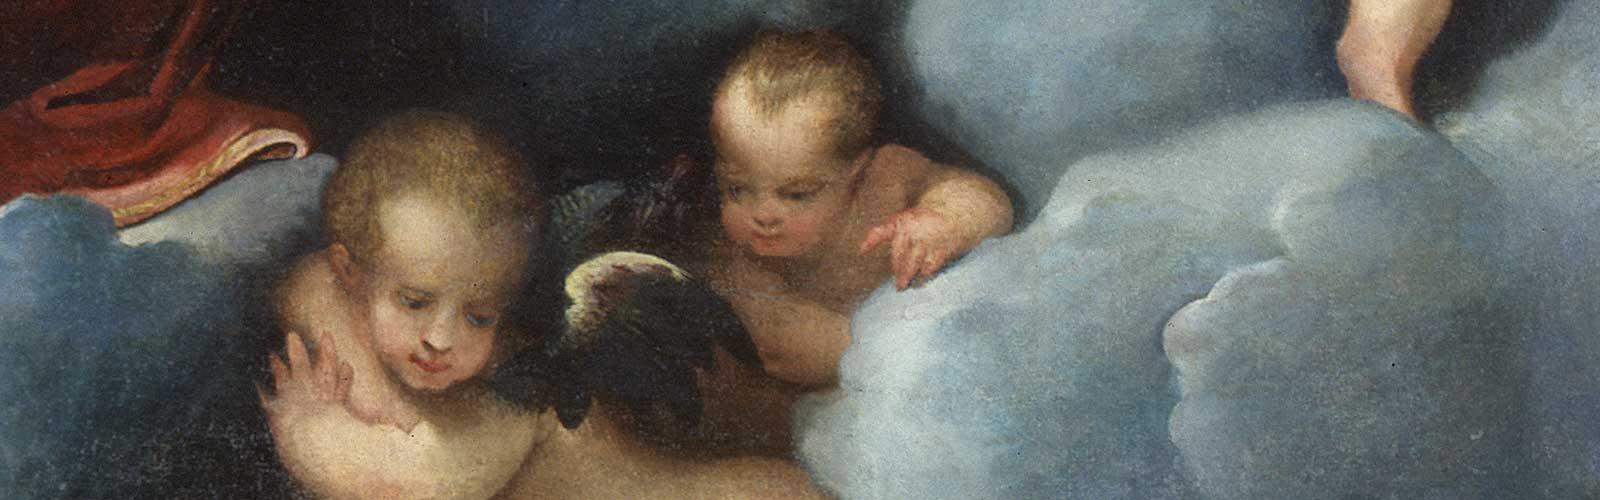 Attorno agli amori <br>Camillo Boccaccino <br>sacro e profano